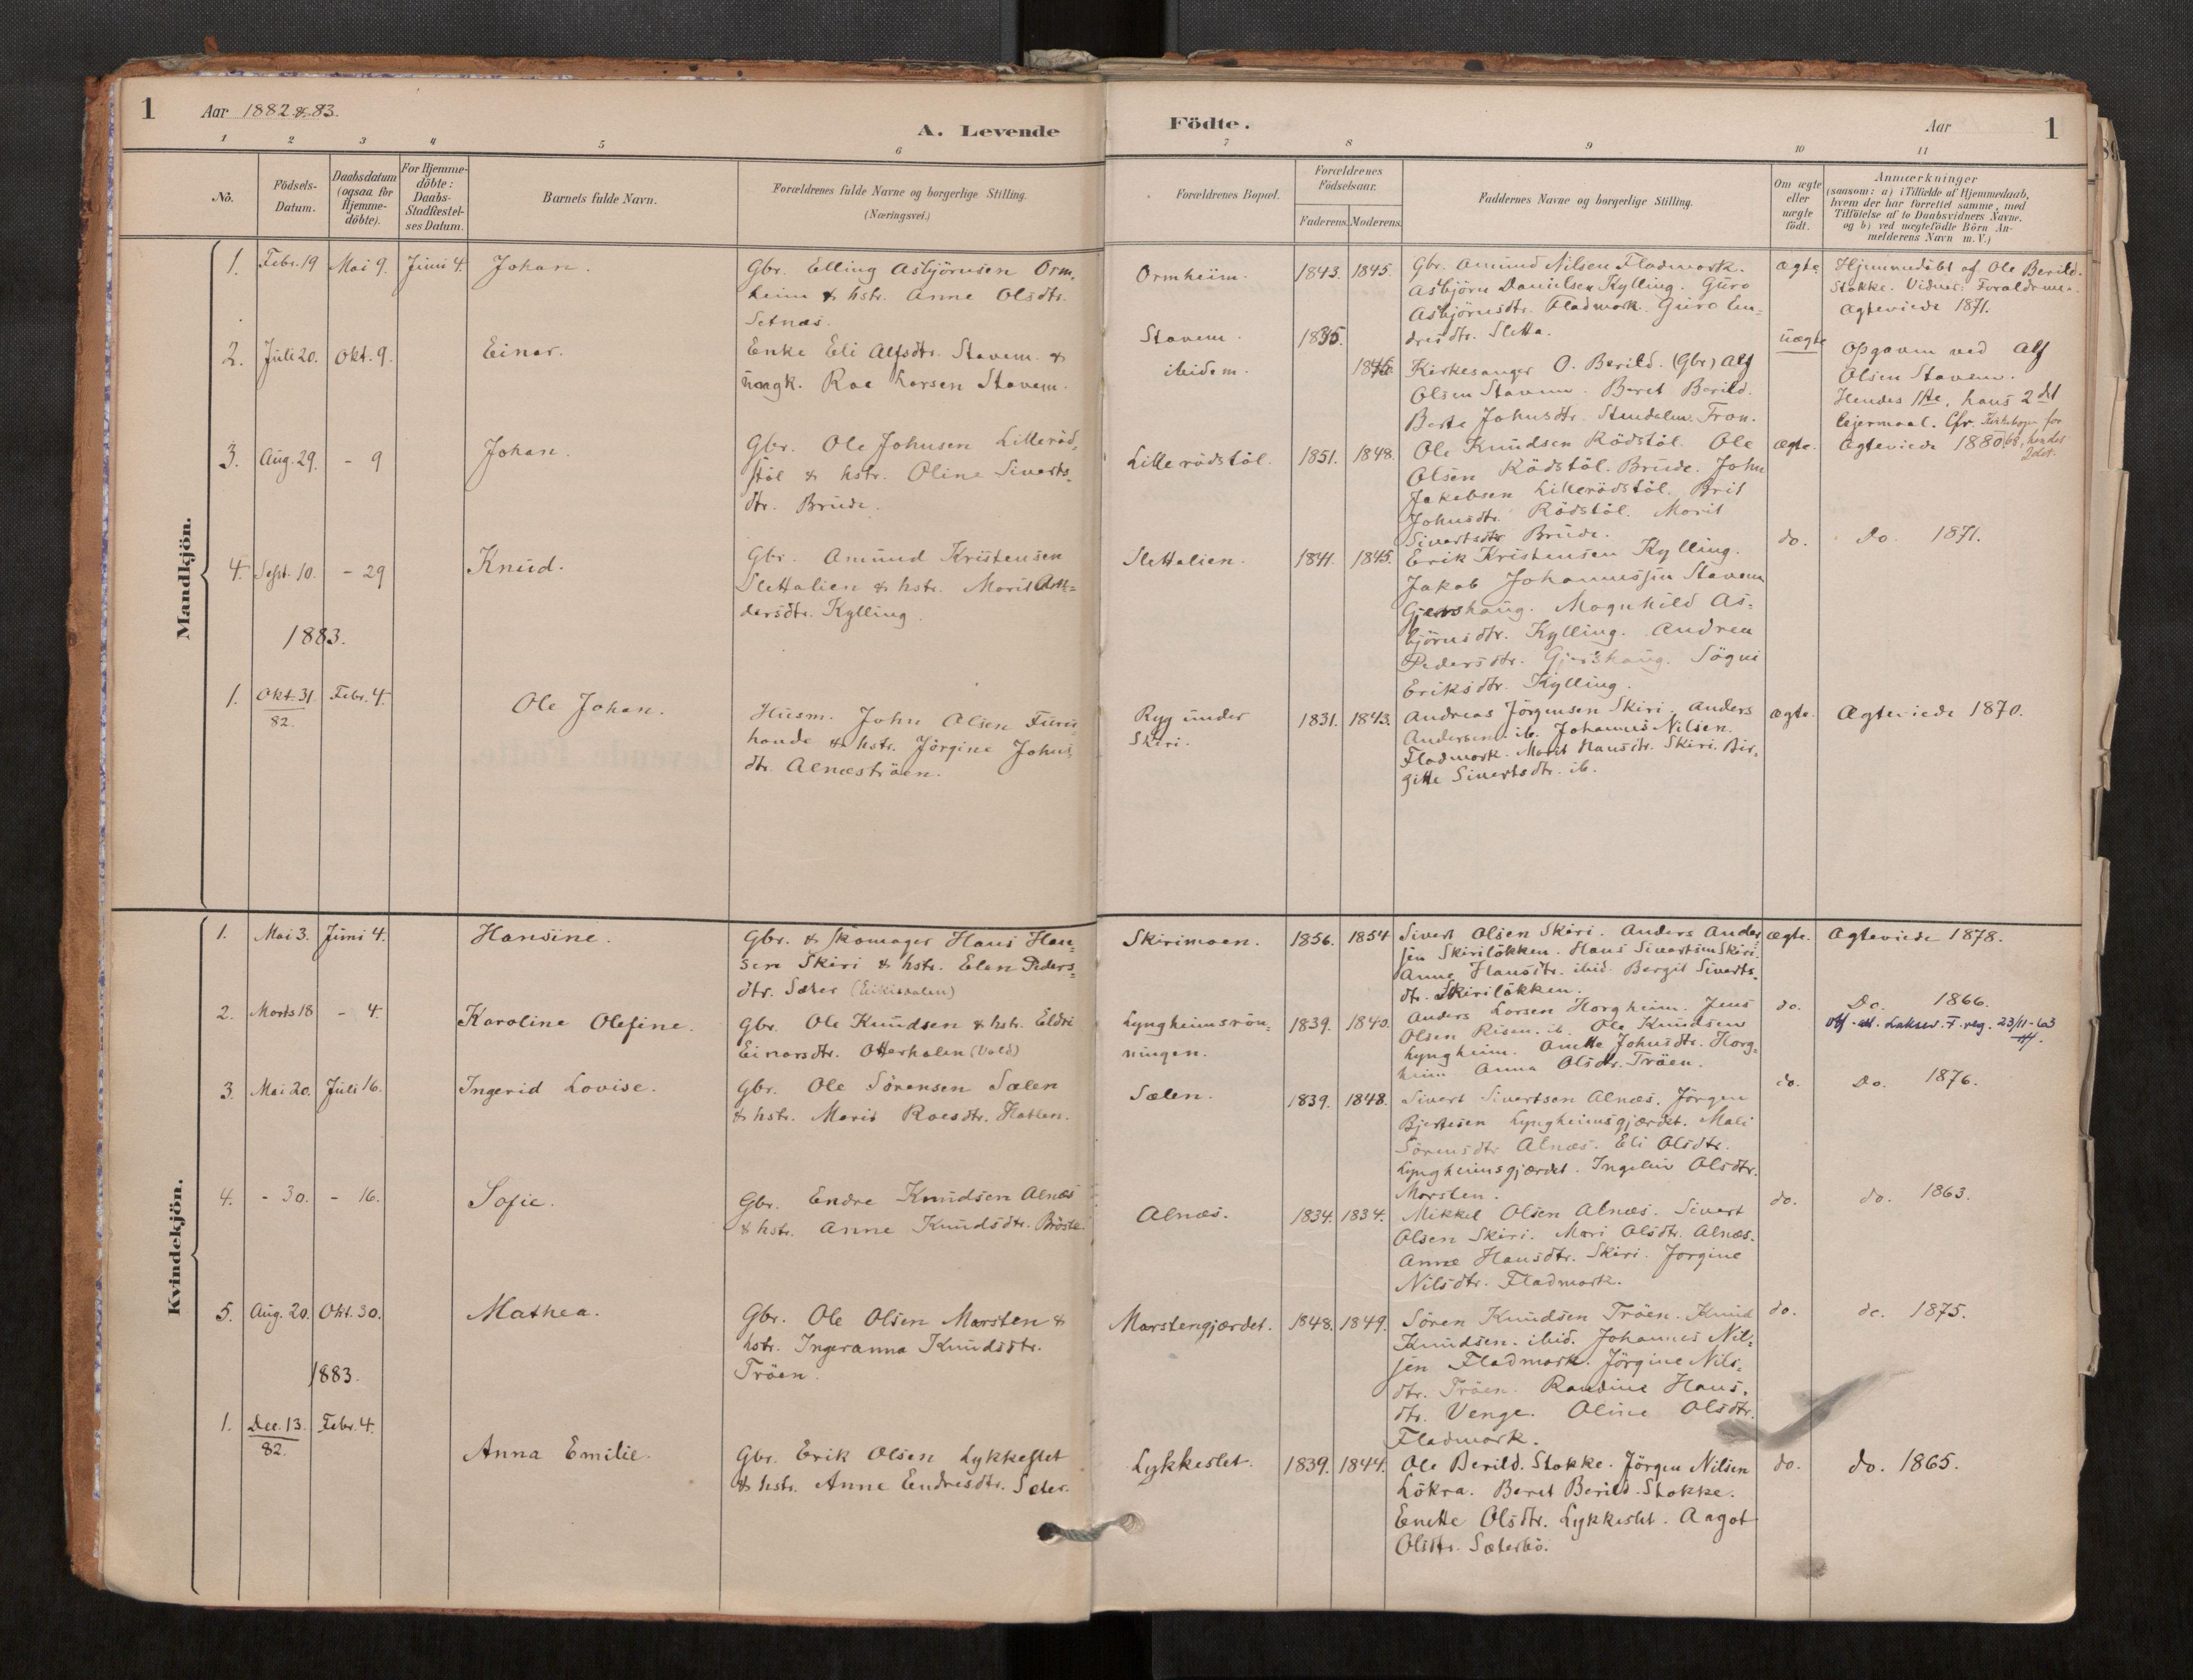 SAT, Grytten sokneprestkontor, Parish register (official) no. 546A03, 1882-1920, p. 1